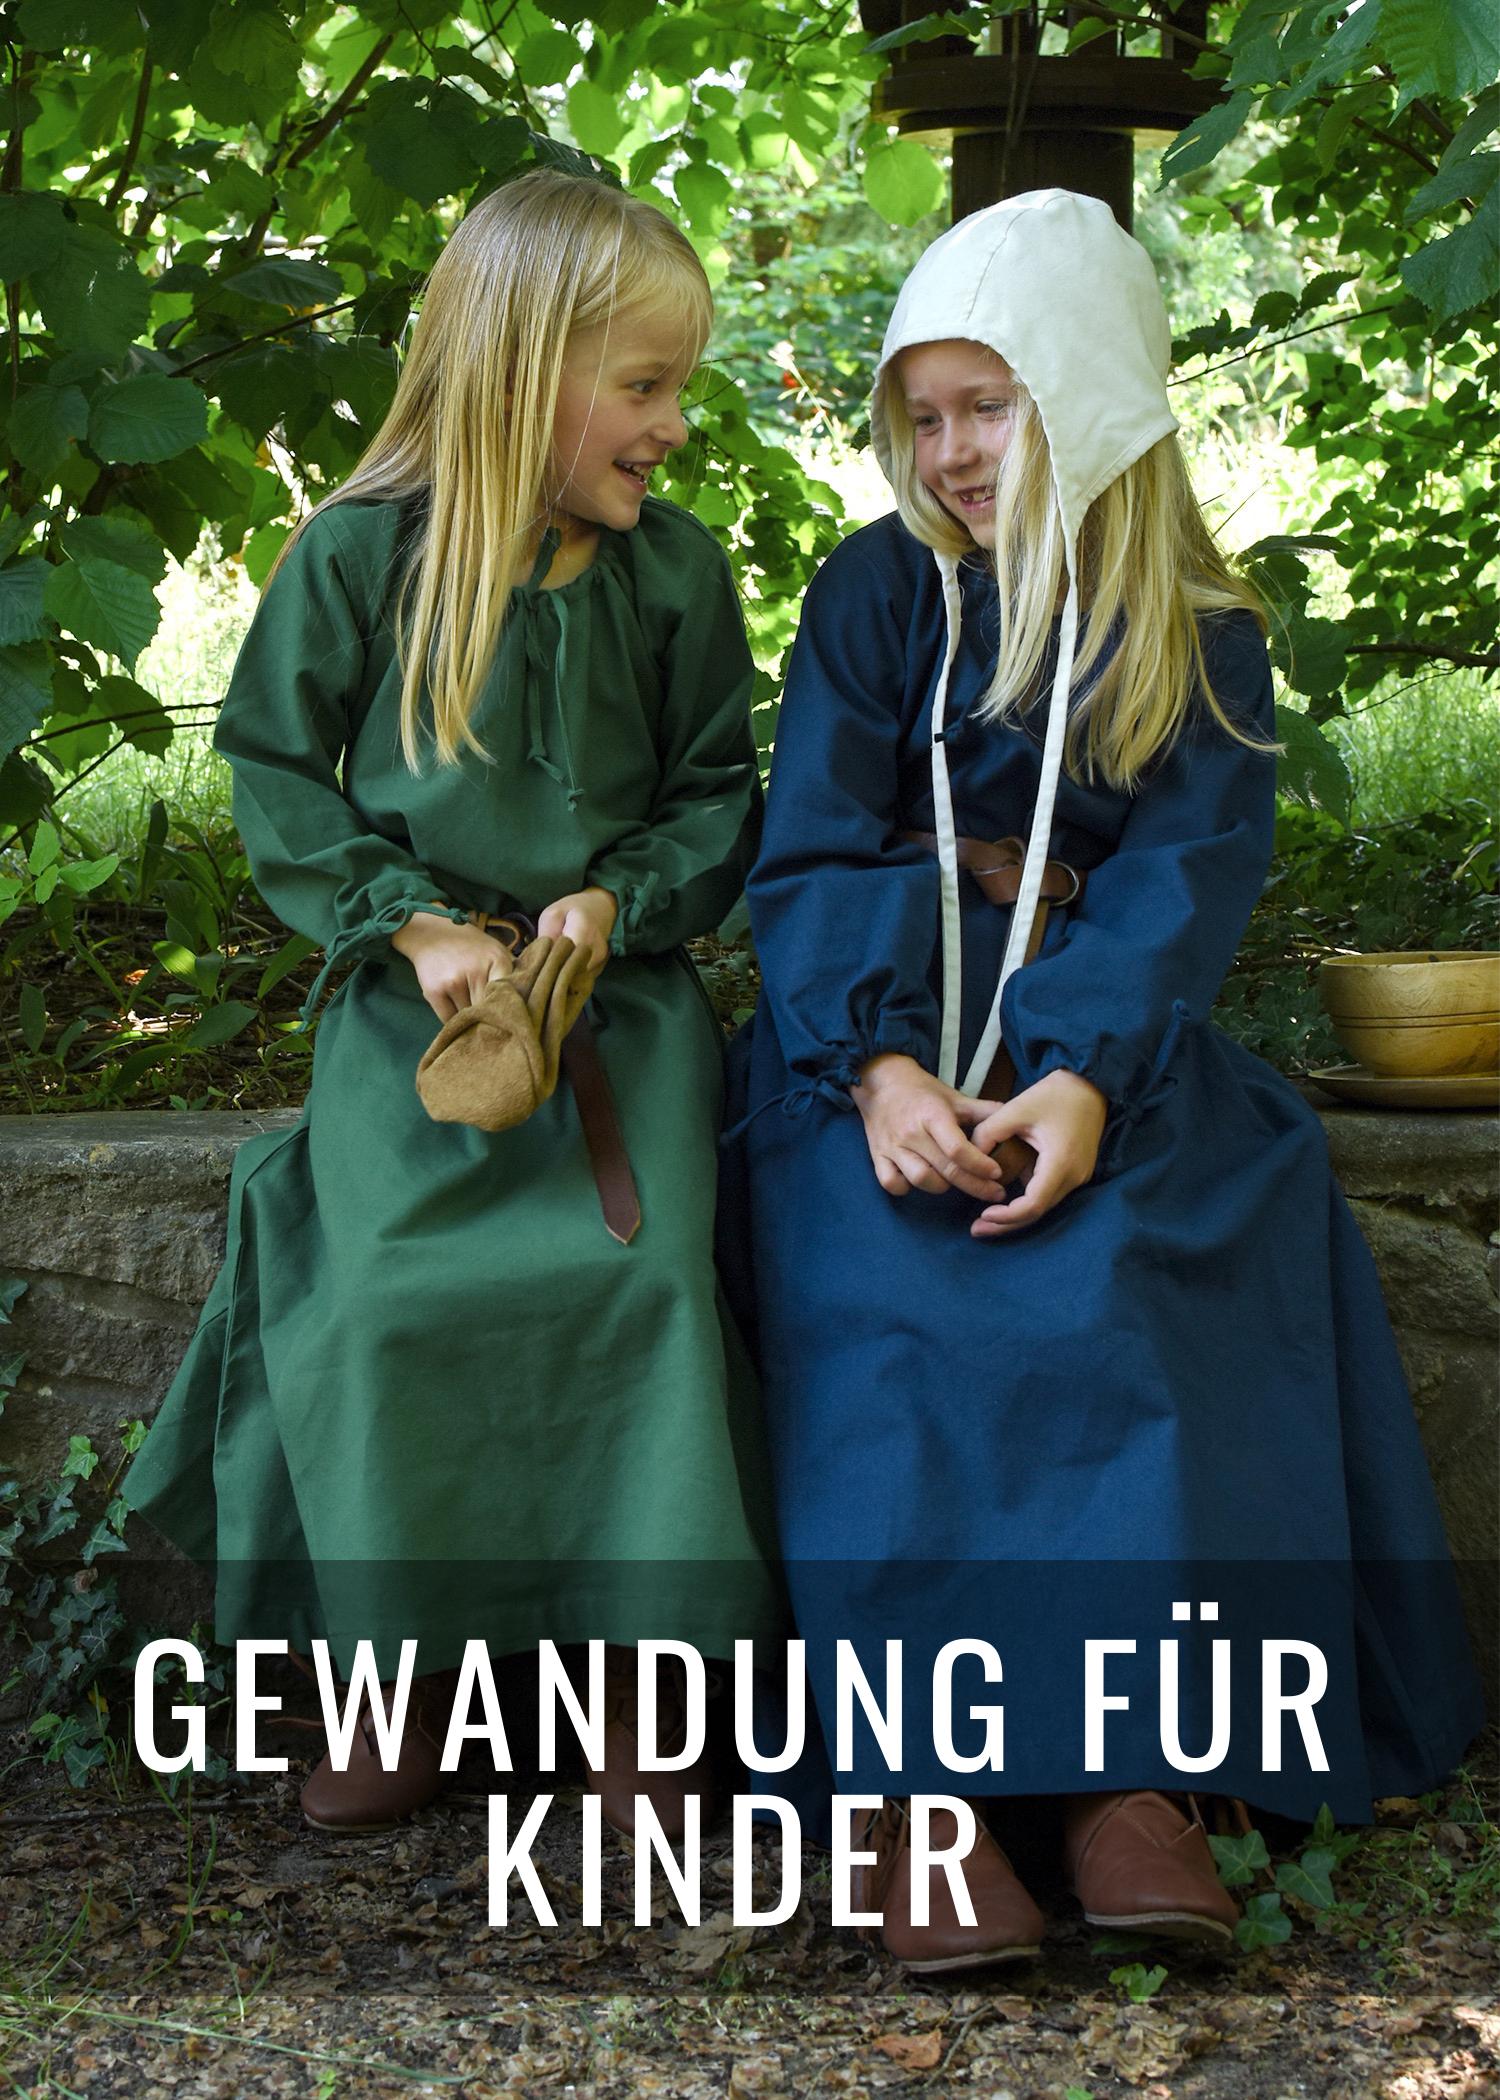 Mittelalter Kleidung für Kinder